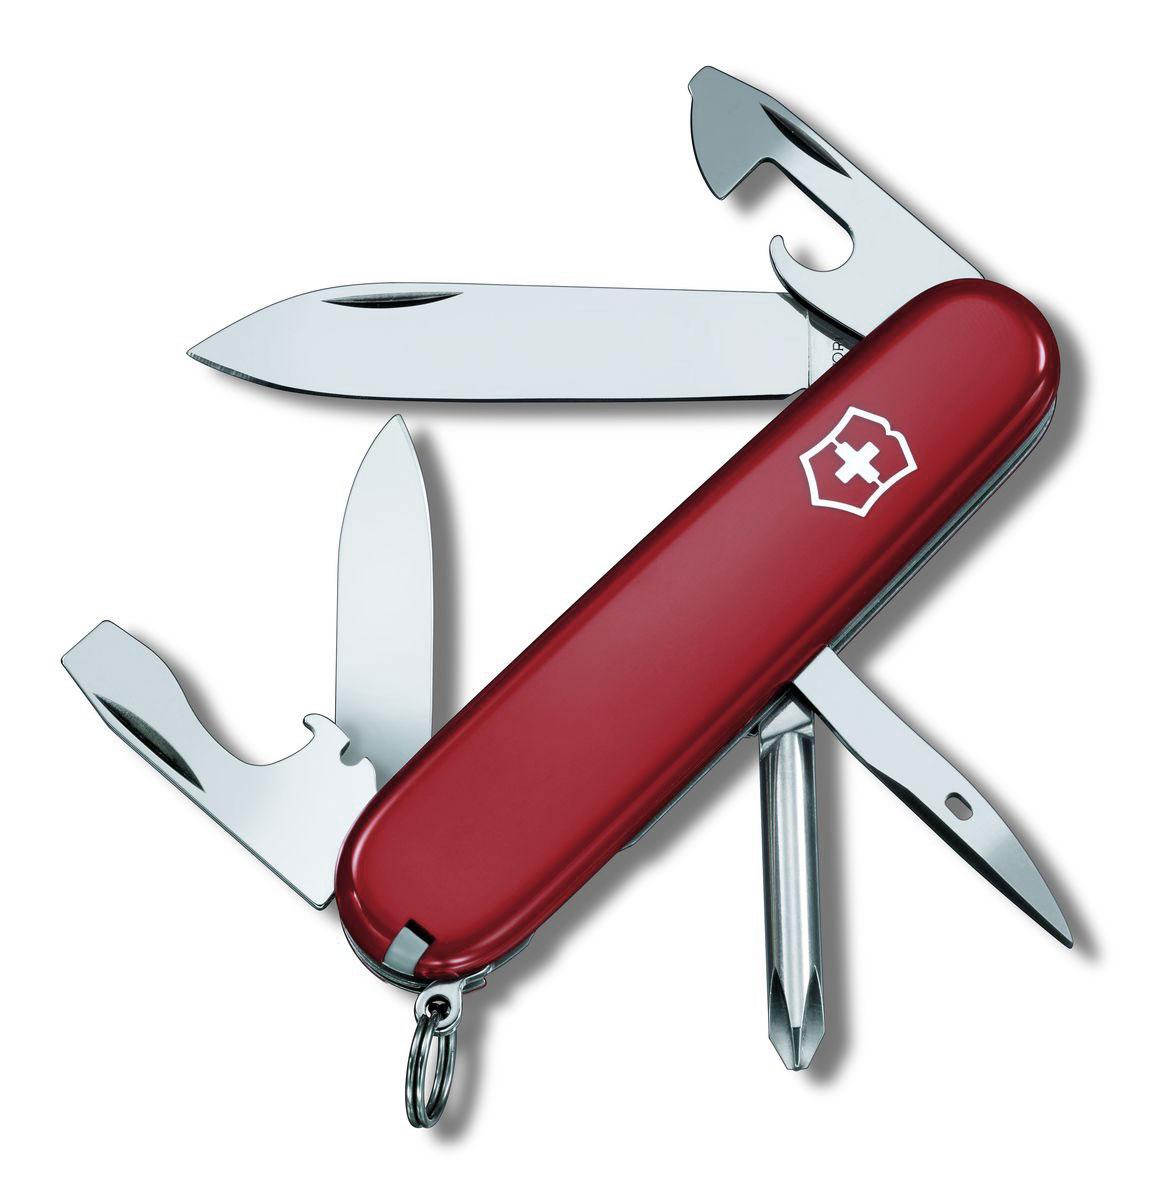 Нож перочинный Victorinox Tinker, цвет: красный, 12 функций, 9,1 см1.4603Лезвие перочинного складного ножа Victorinox Tinker изготовлено из высококачественной нержавеющей стали. Ручка, выполненная из прочного пластика, обеспечивает надежный и удобный хват.Хорошее качество, надежный долговечный материал и эргономичная рукоятка - что может быть удобнее на природе или на пикнике!Функции ножа:Большое лезвие.Малое лезвие.Крестовая отвертка.Консервный нож с малой отверткой.Открывалка для бутылок с отверткой.Инструментом для снятия изоляции.Шило, кернер.Кольцо для ключей.Пинцет.Зубочистка.Длина ножа в сложенном виде: 9,1 см.Длина ножа в разложенном виде: 16 см.Длина большого лезвия: 7 см.Длина малого лезвия: 4 см.